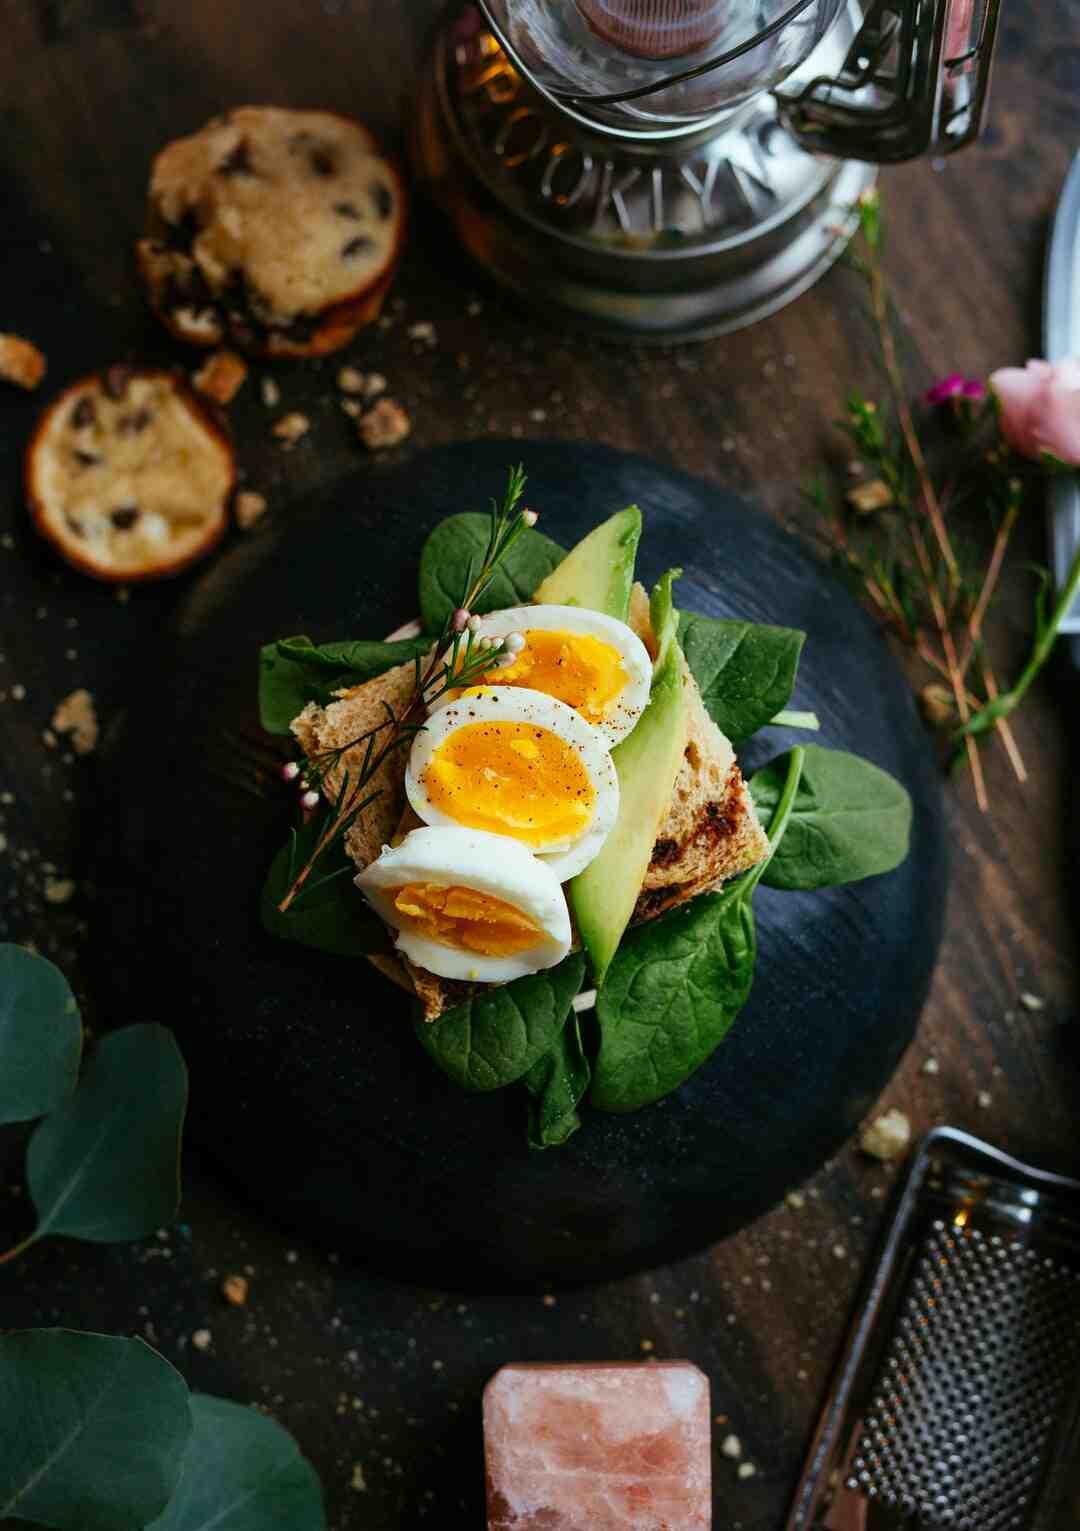 Comment blanchir des œufs sans batteur ?